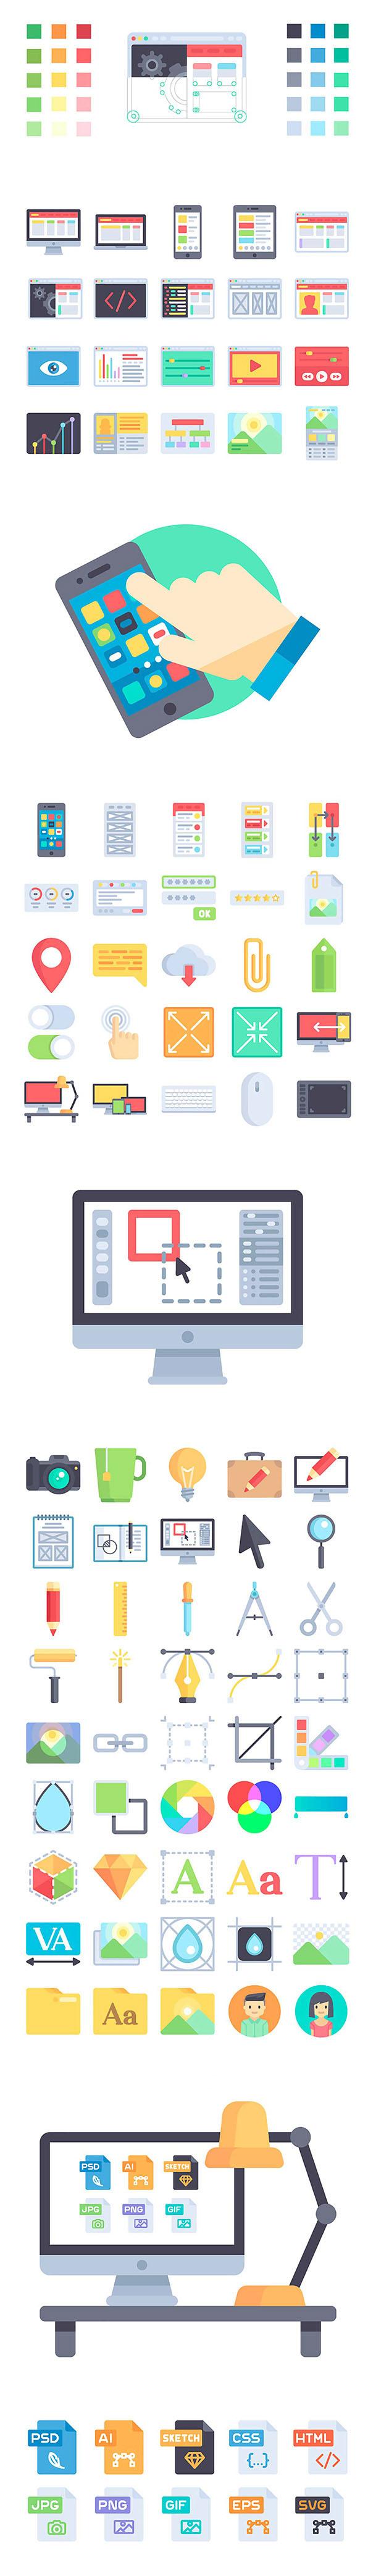 آیکون های فلت برای طراحی وب